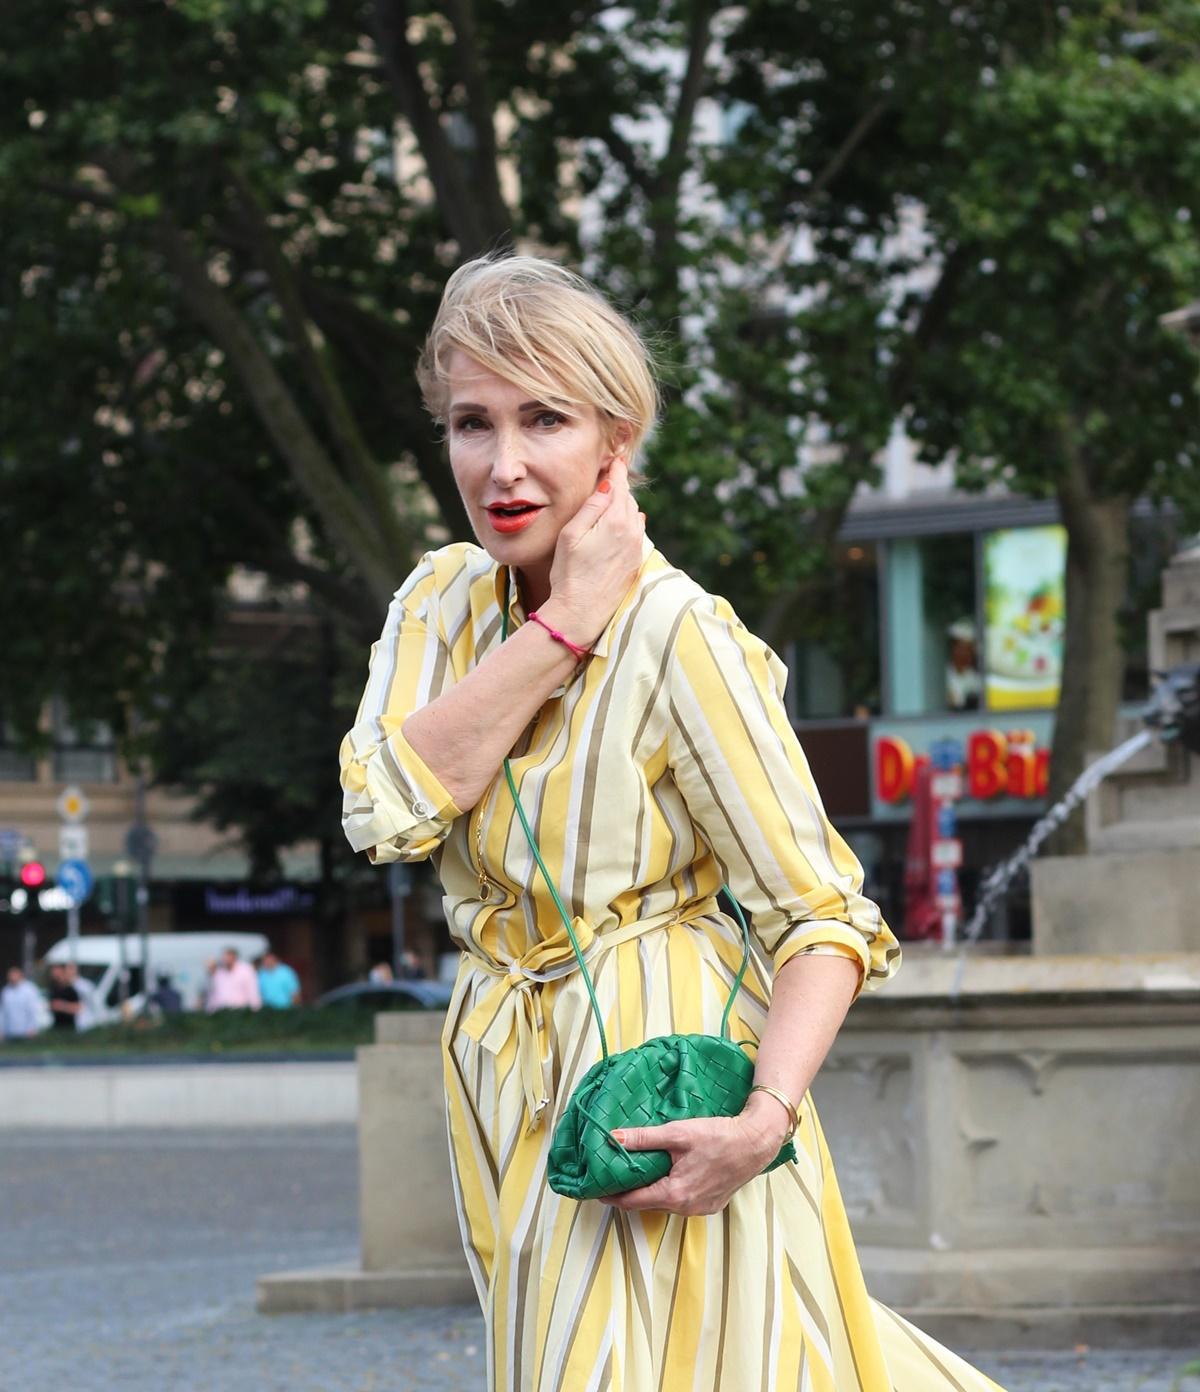 glamupyourlifestyle micro-taschen handtaschen portmonee ue-40-blog ue-50-blog